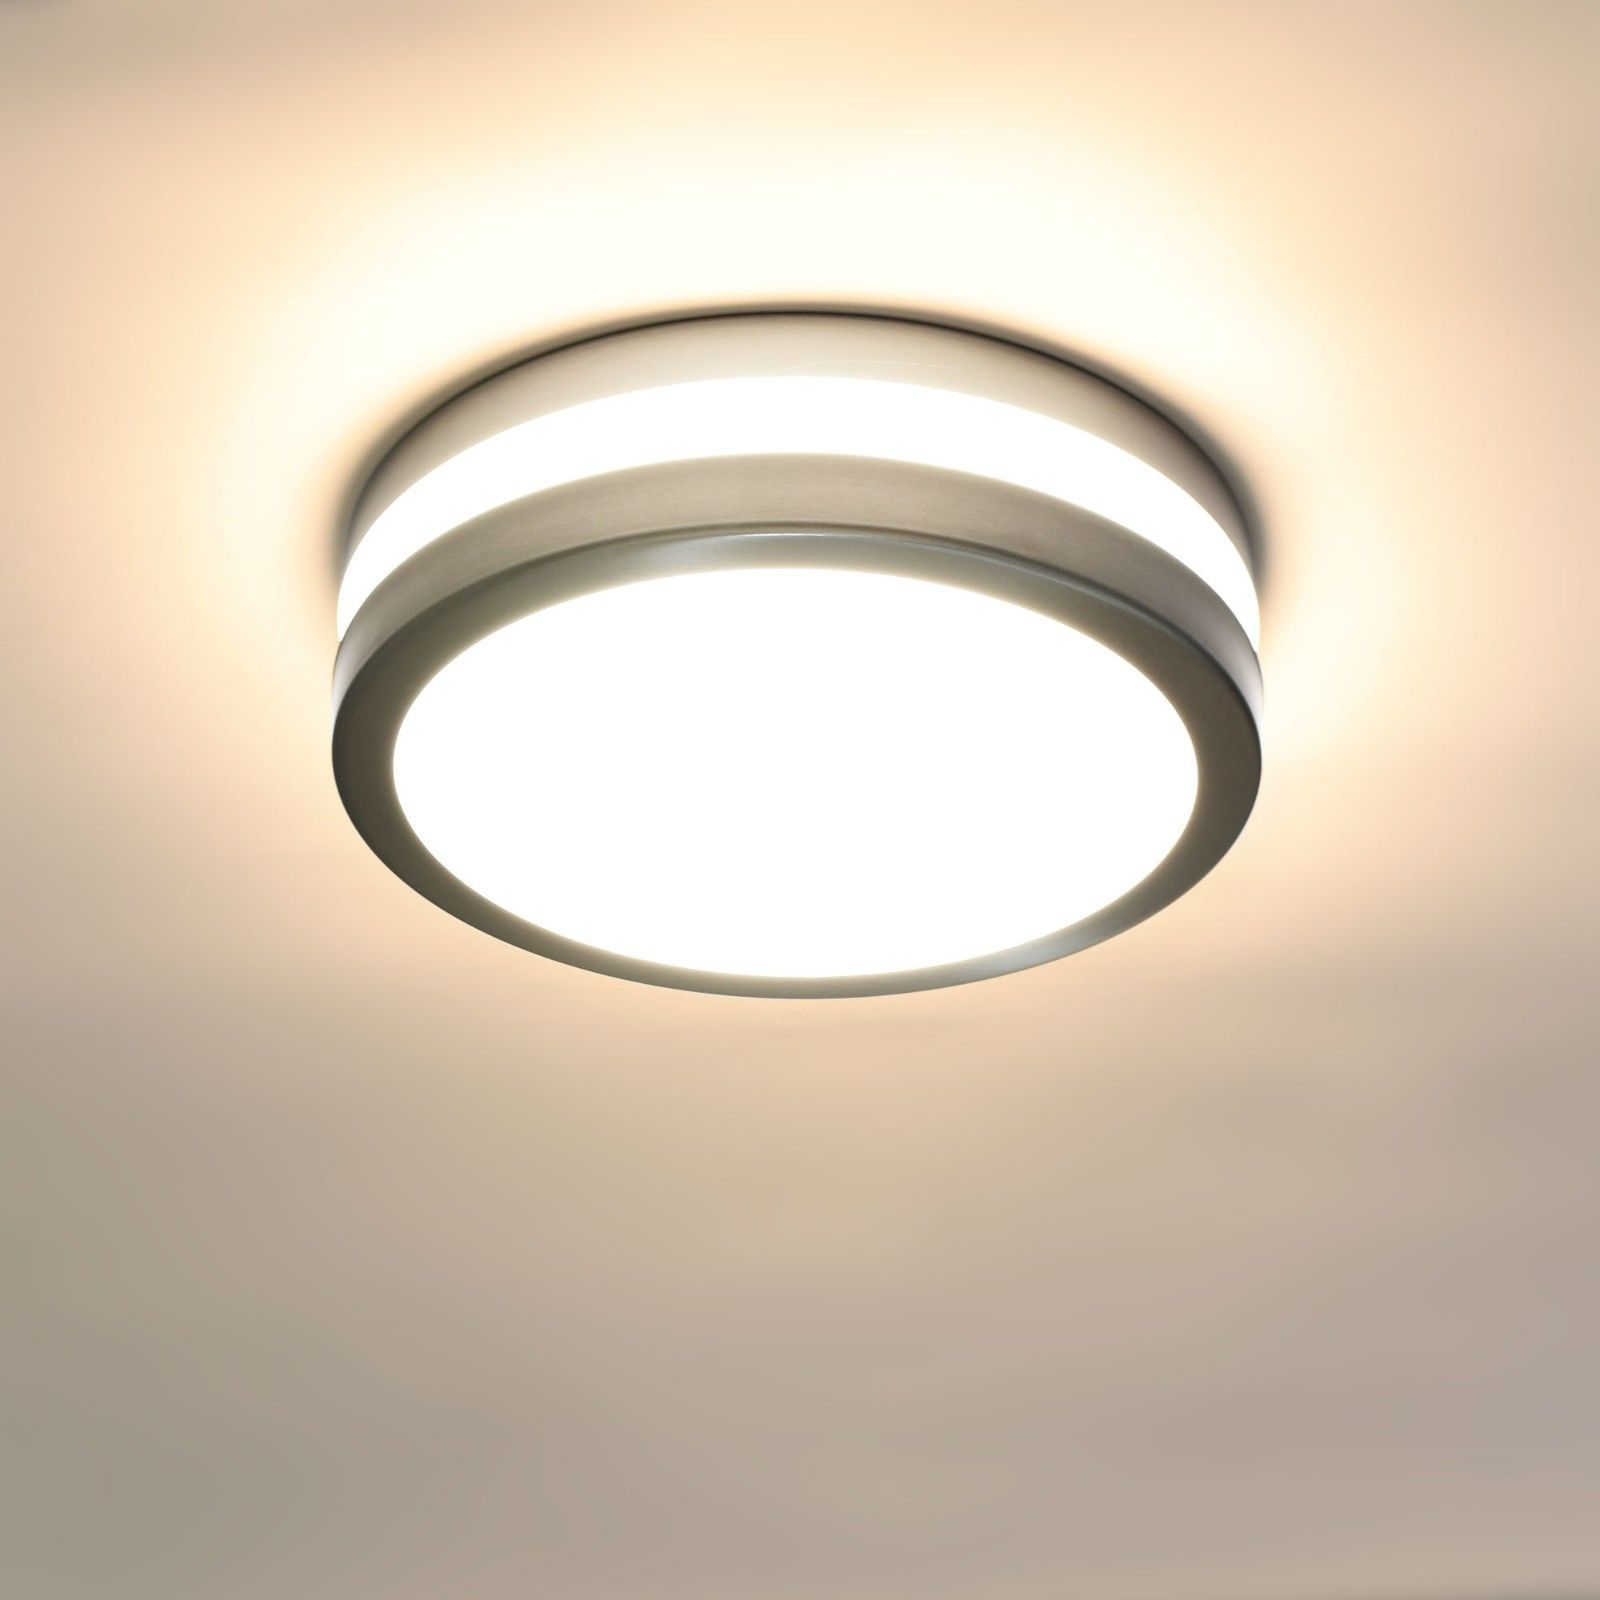 Details Zu Deckenleuchte Wandlampe Aussenwandleuchte Aussenleuchte Lampe Wandleuchte 253 252 In 2020 Ceiling Lights Light Lighting